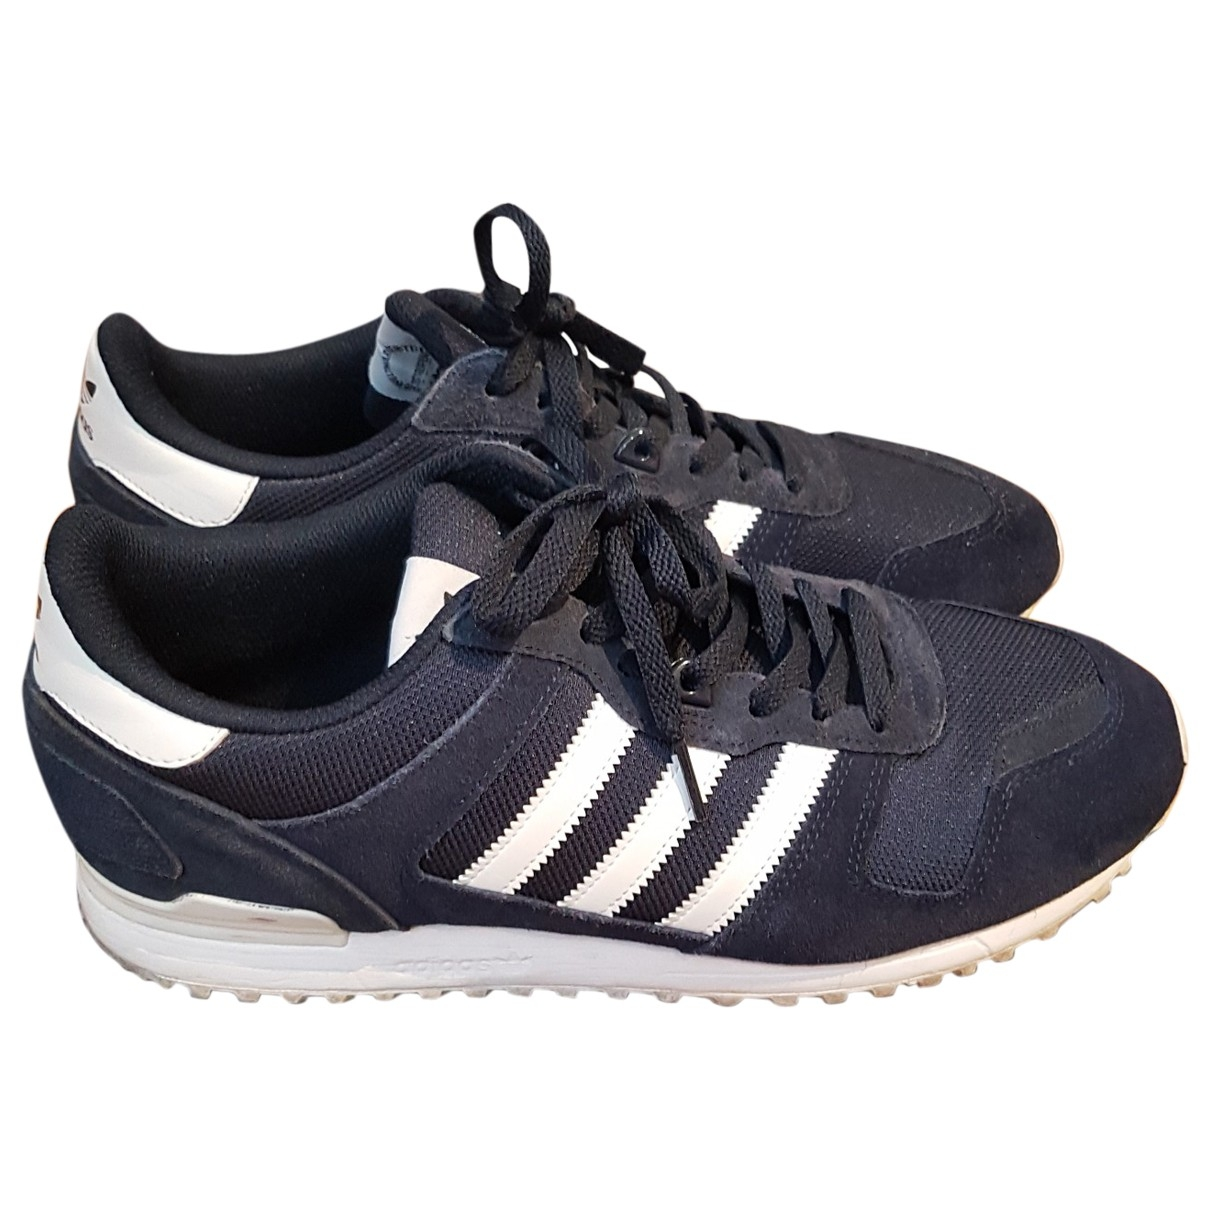 Adidas - Baskets ZX pour homme en suede - bleu